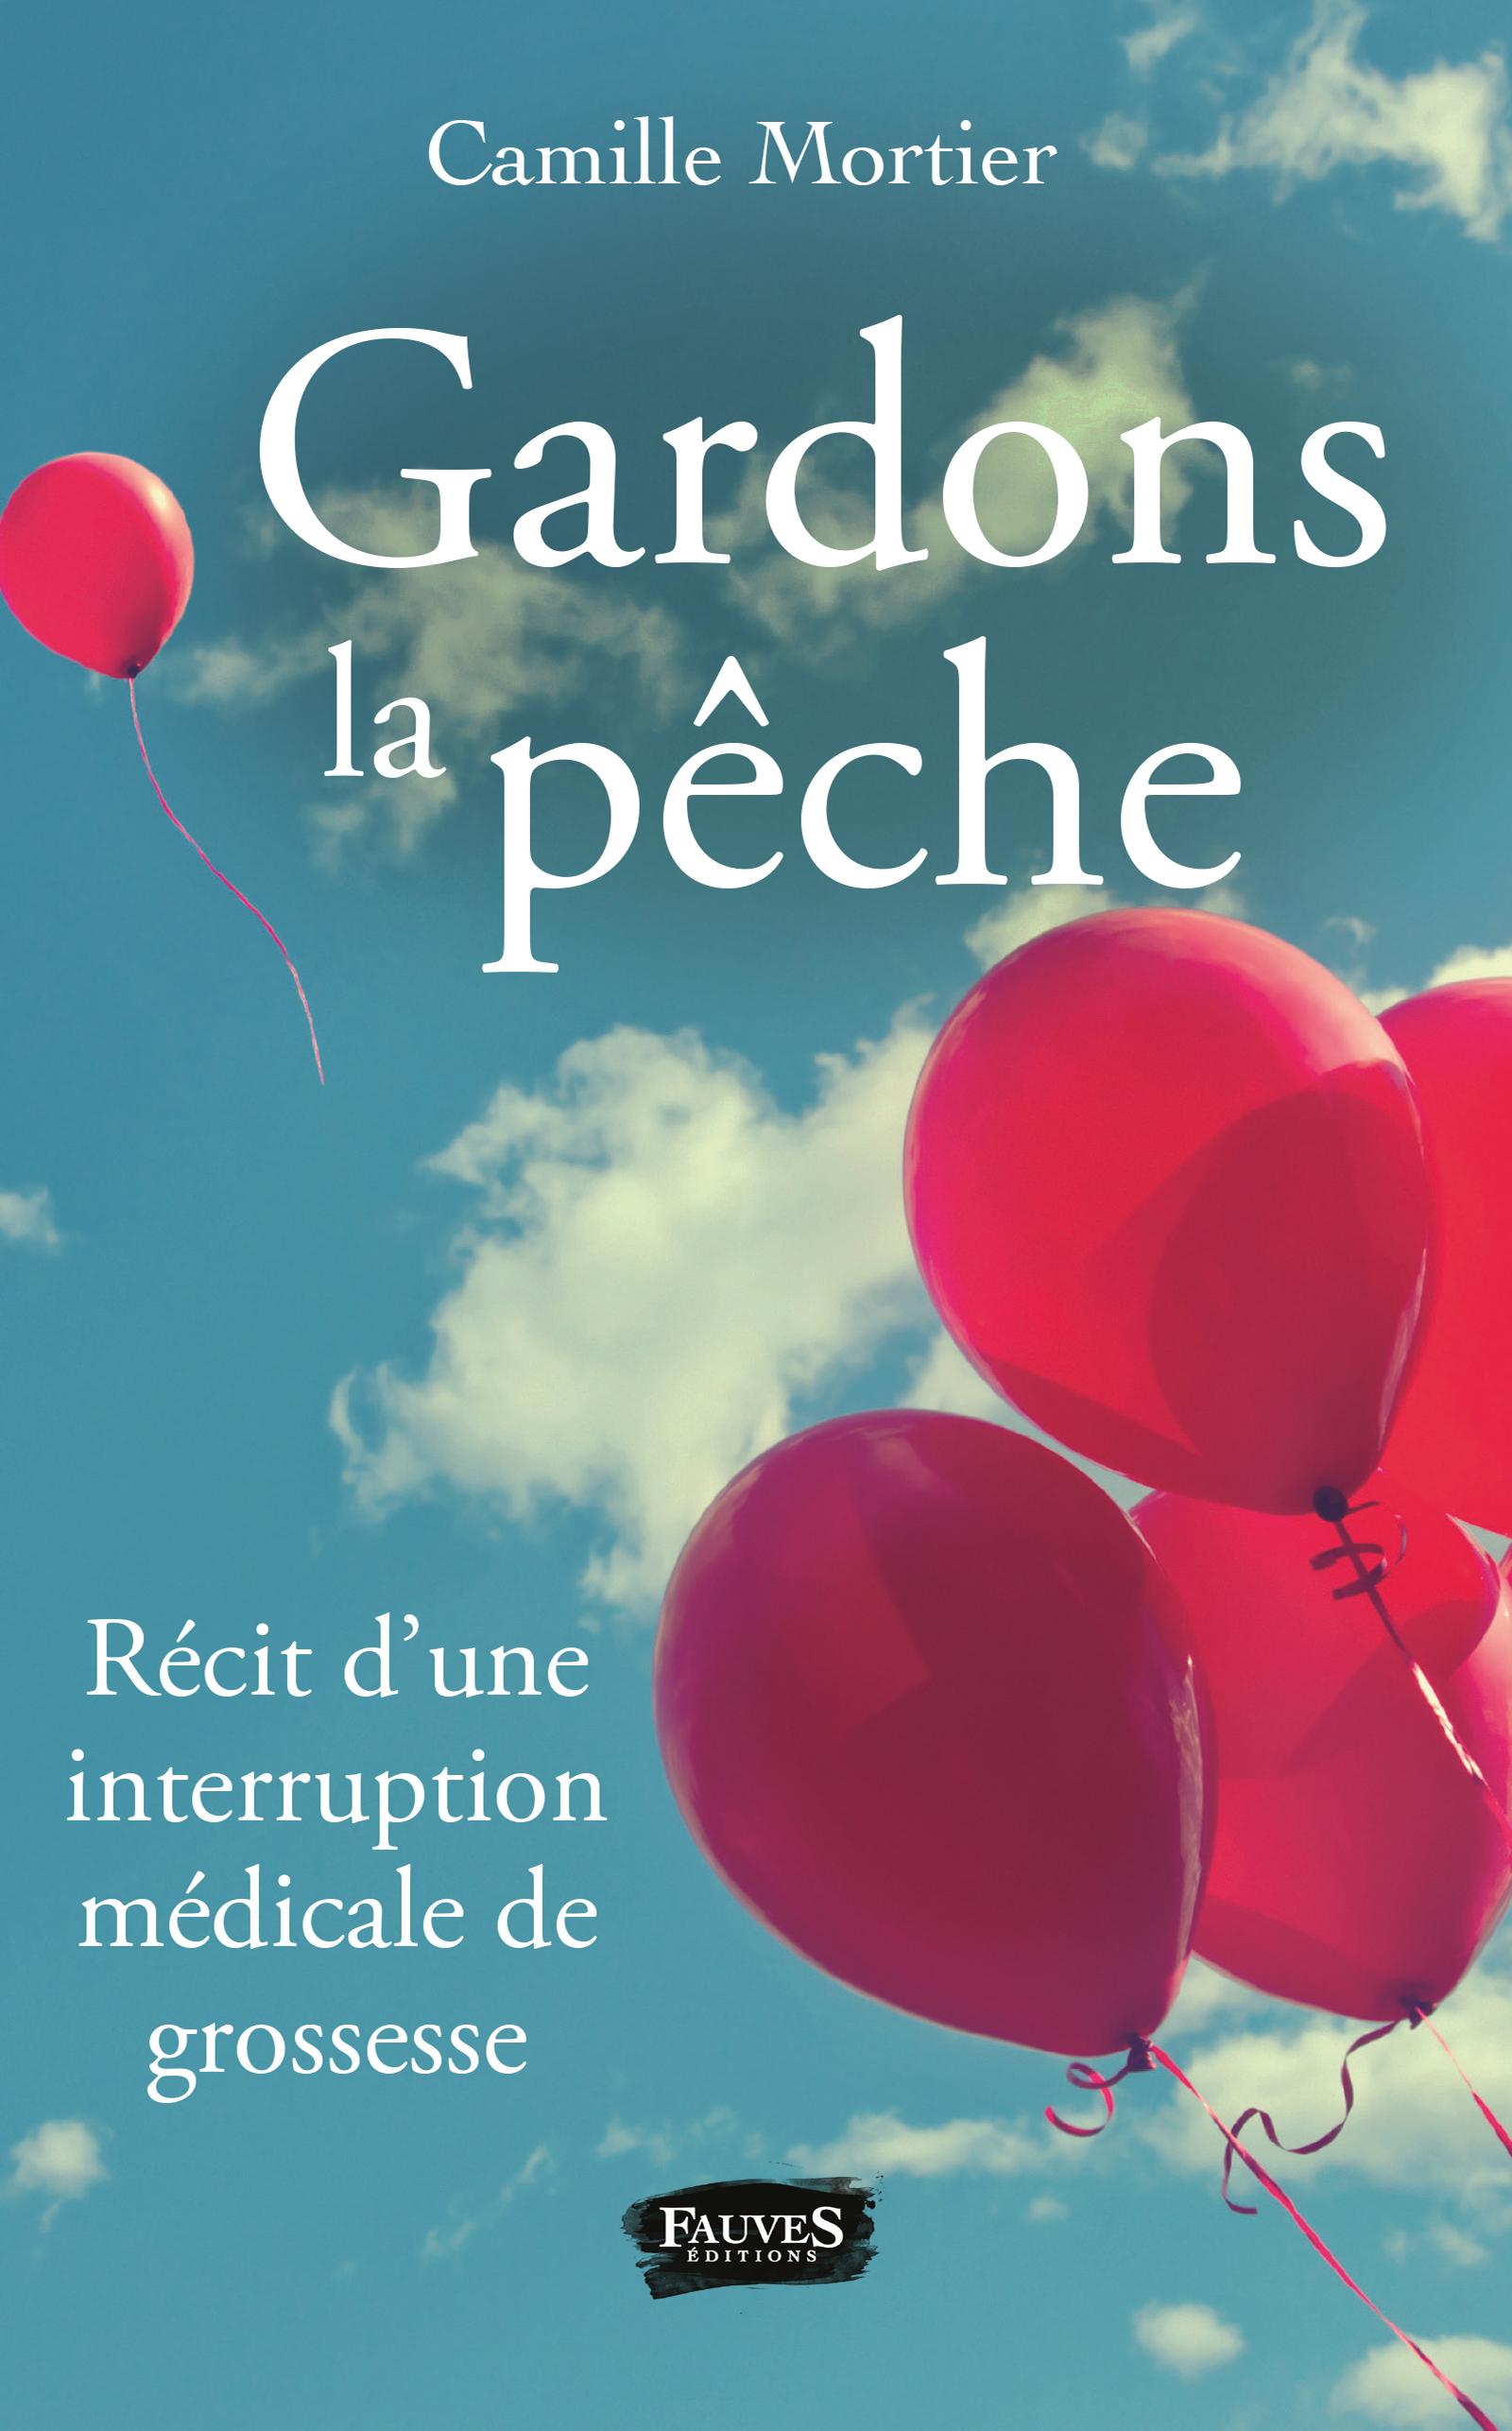 Gardons La Peche Recit D Une Interruption Medicale De Grossesse Camille Mortier Livre Ebook Epub